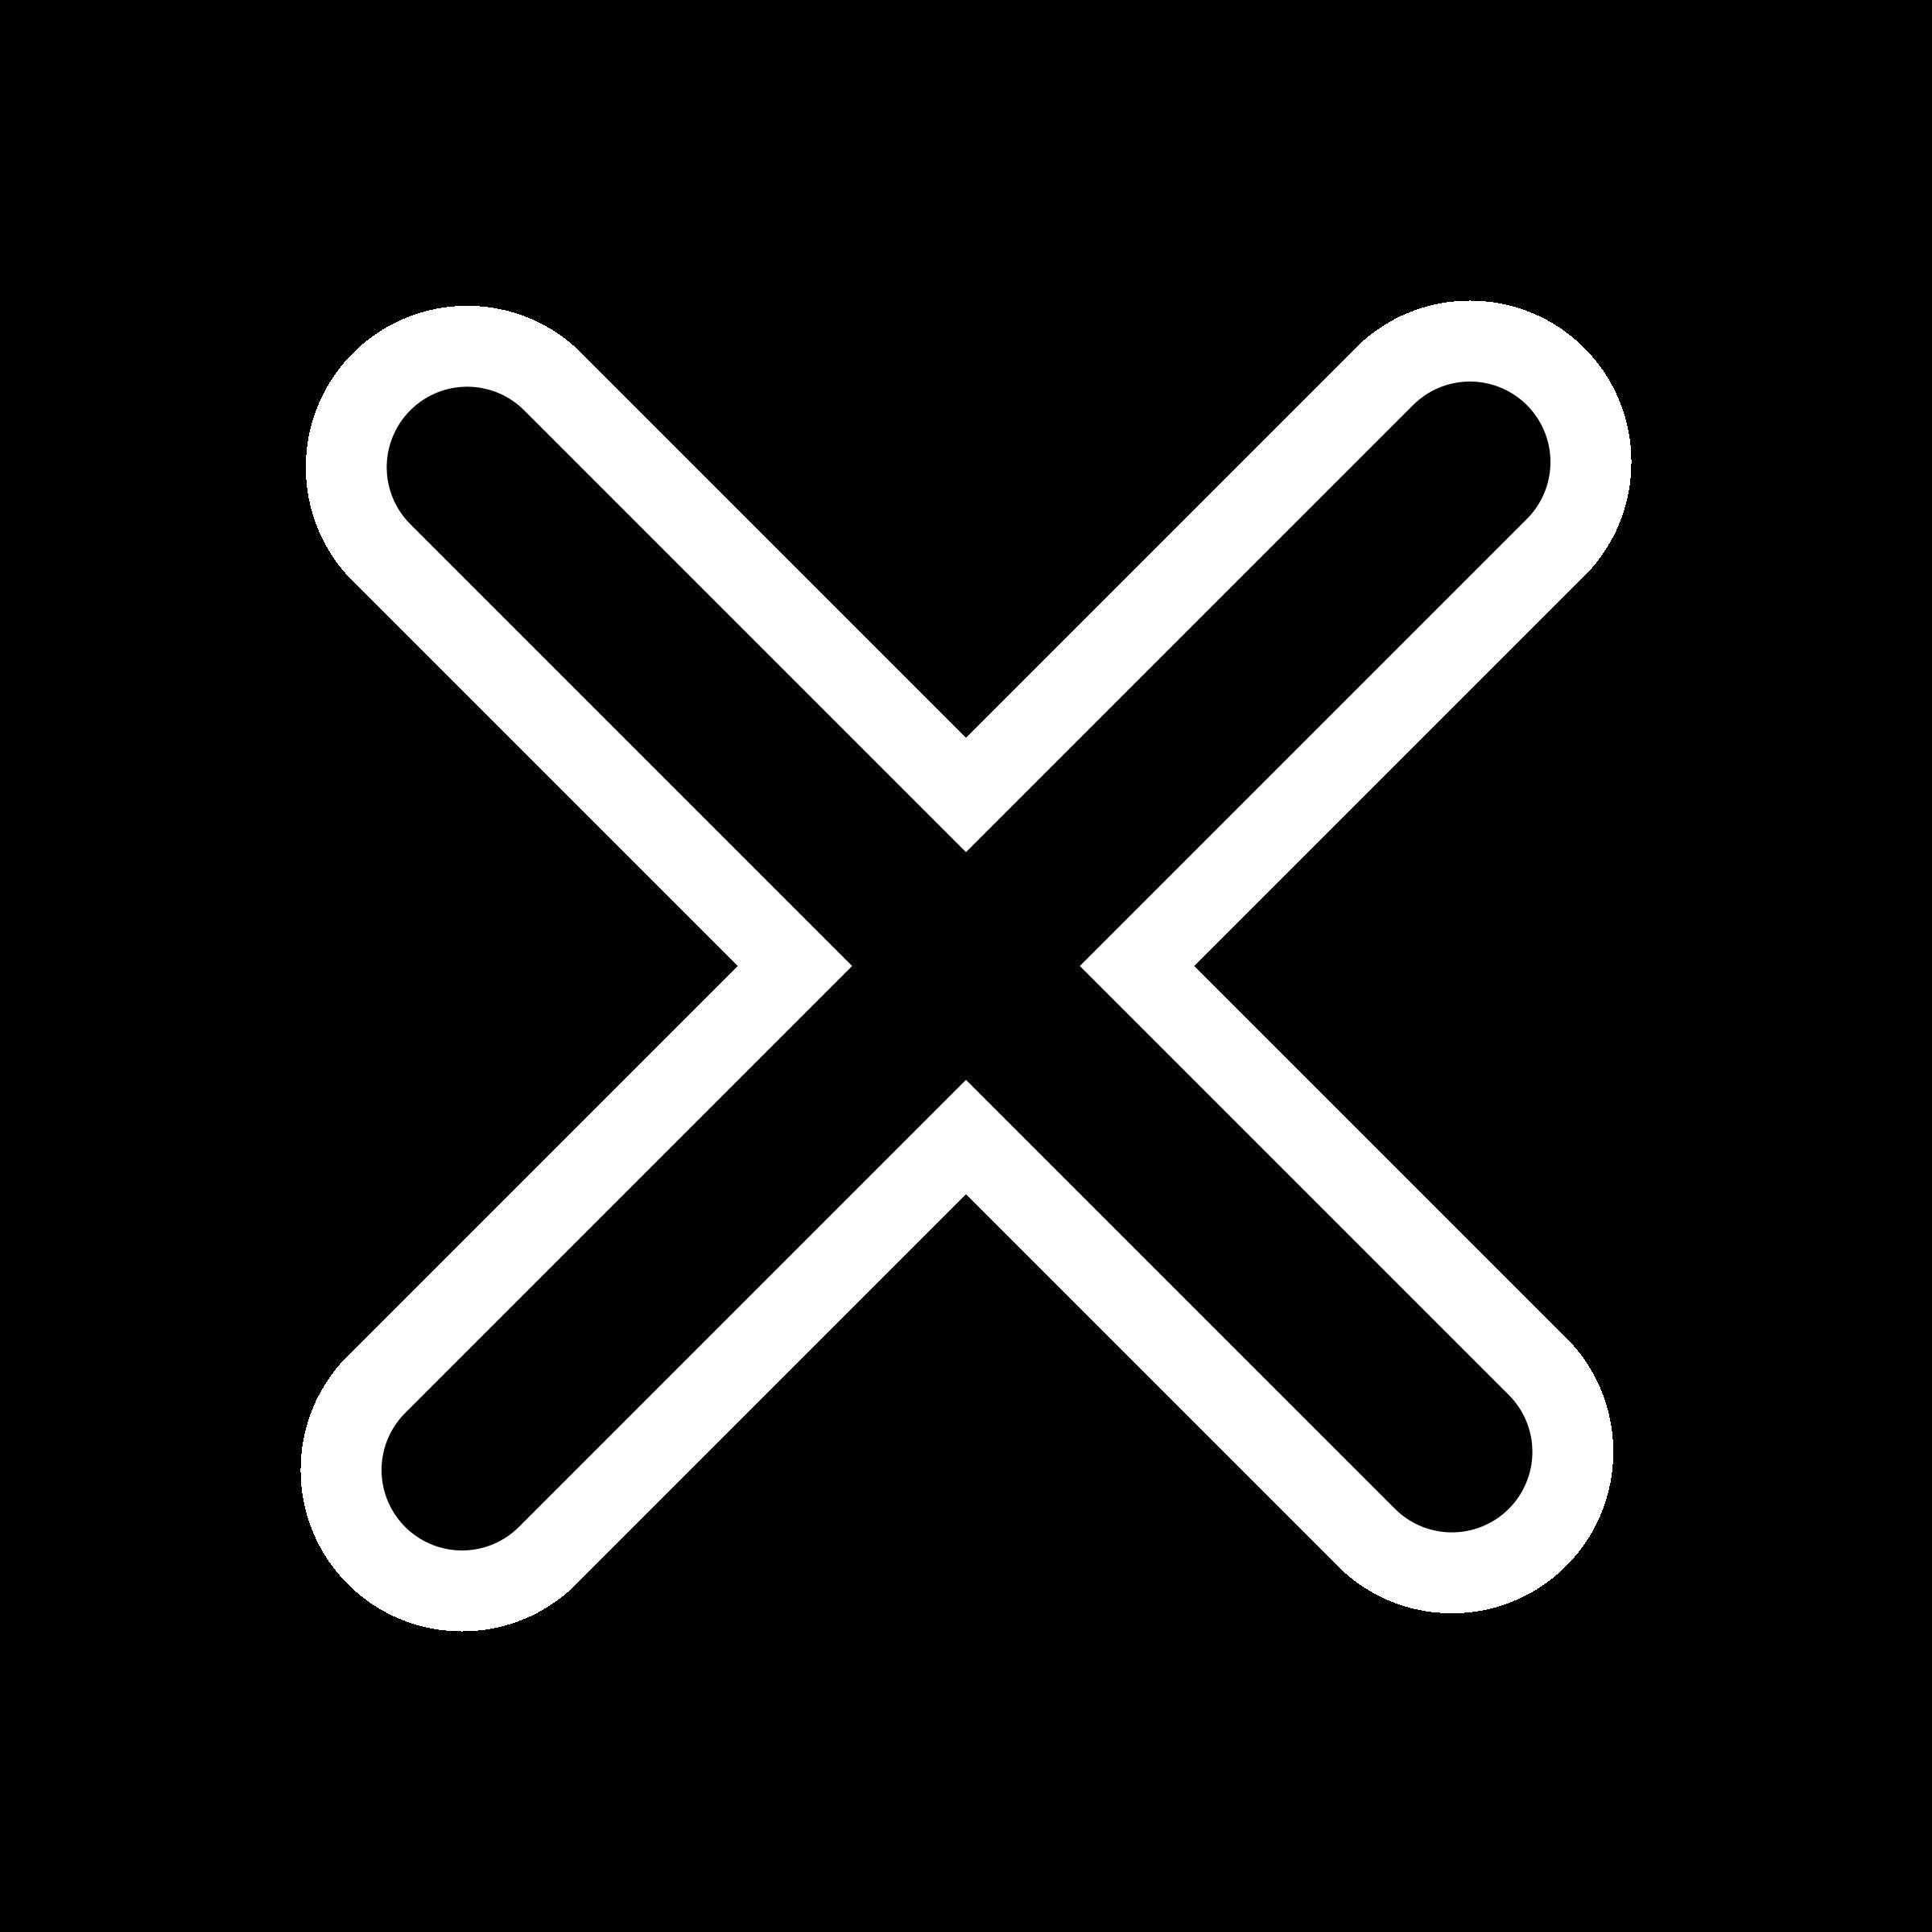 Clipart - mono checkmark